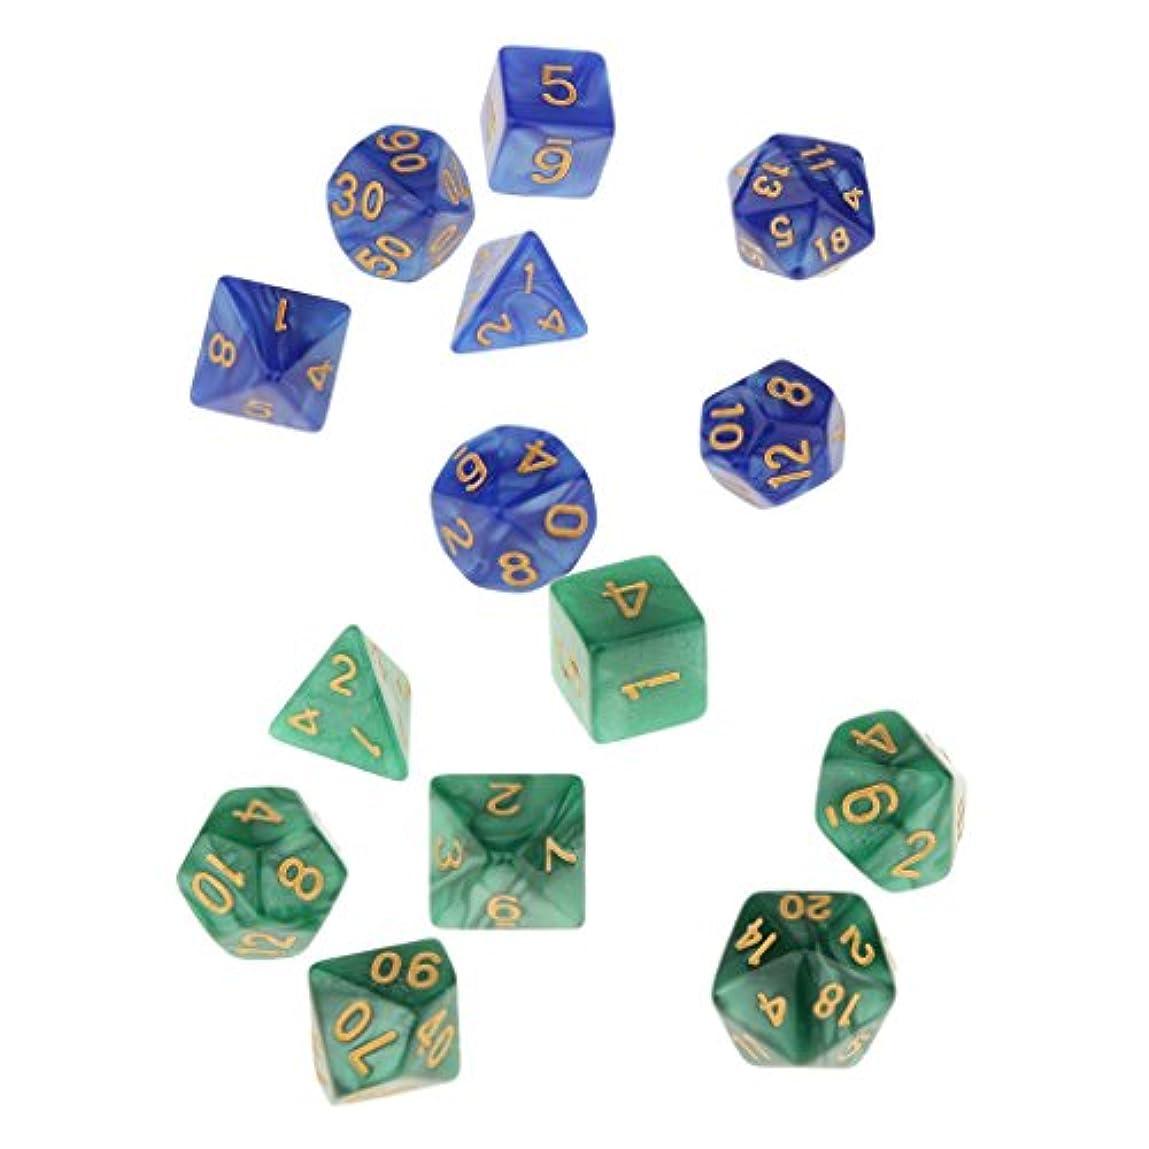 手を差し伸べる変換するビルダーサイコロ 16mm 骰子 多面体ダイス DND MTG RPGゲーム用 ボードゲーム用 全2選択 - 緑+青